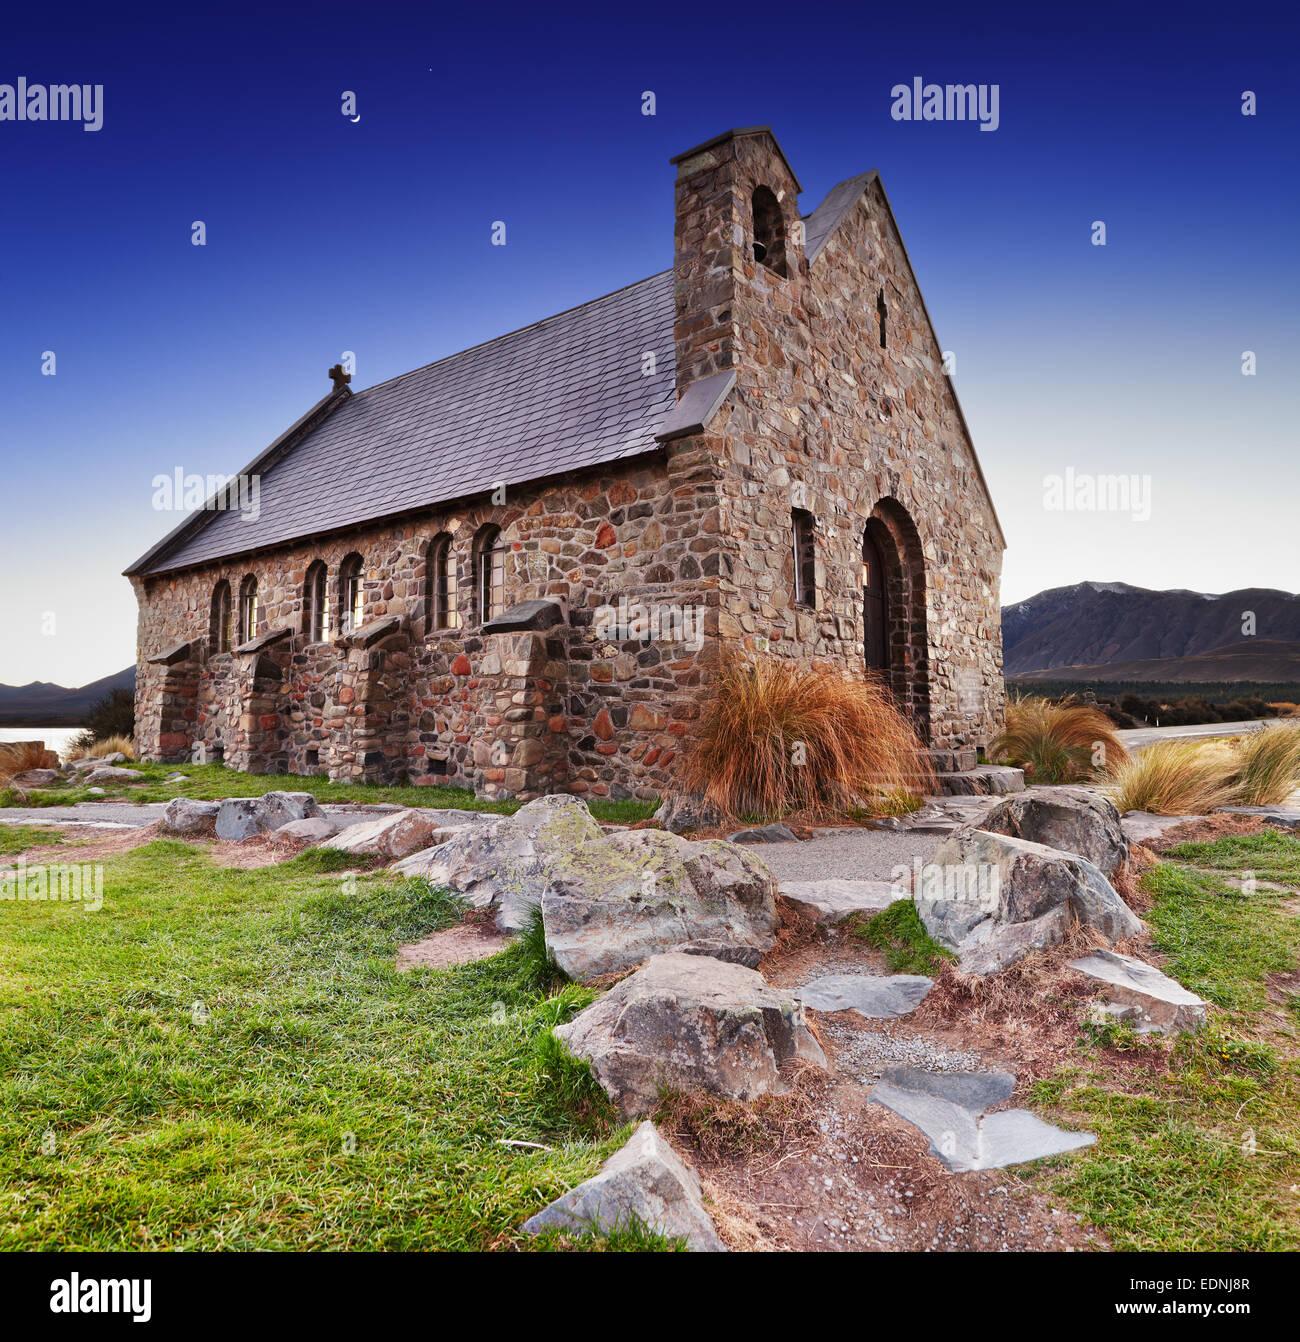 Church of the Good Shepherd at sunrise, Lake Tekapo, New Zealand - Stock Image